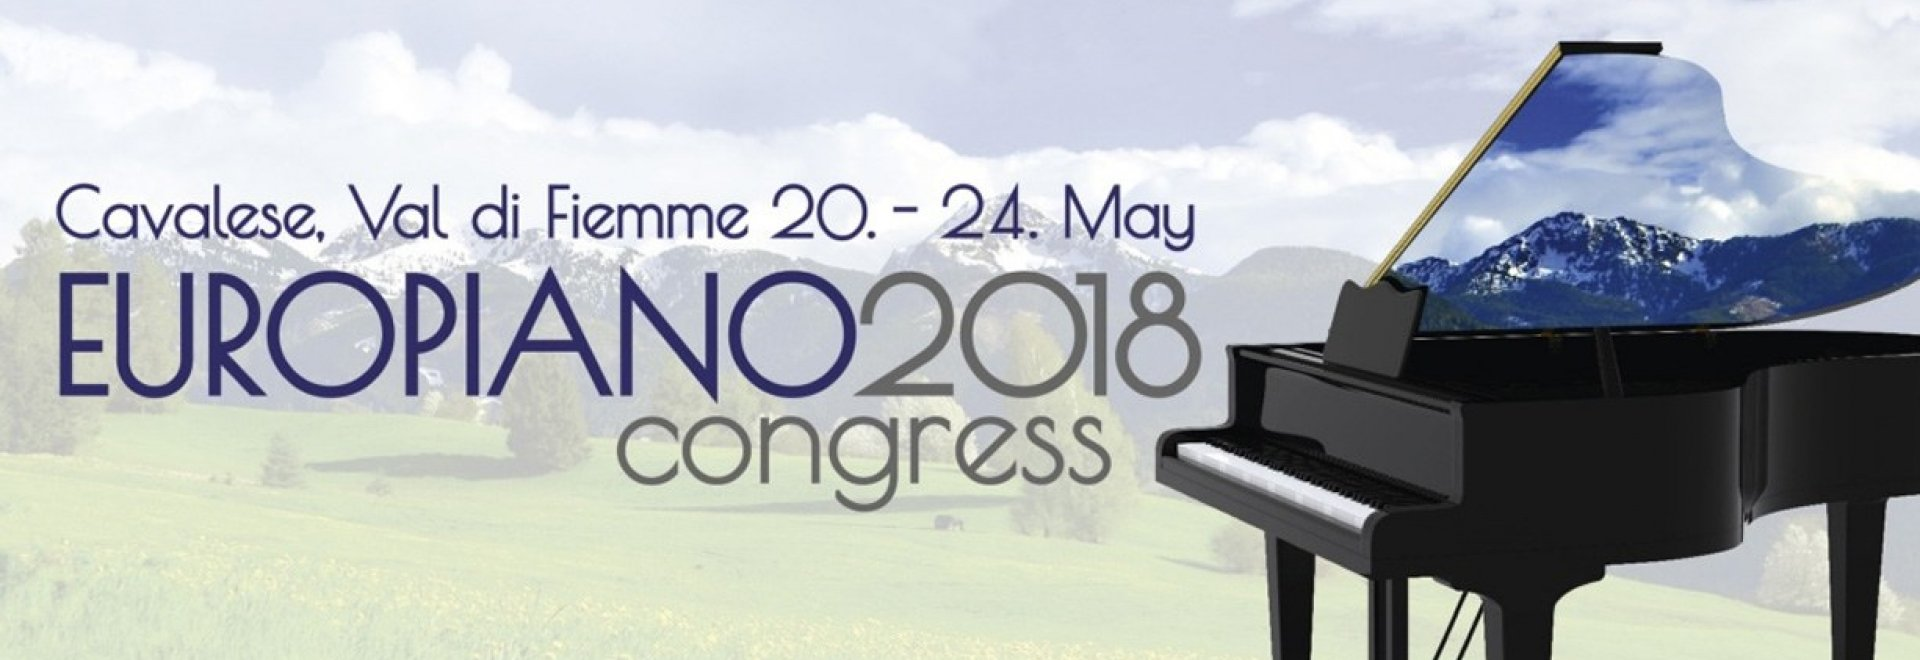 Congrès Europiano - mai 2018